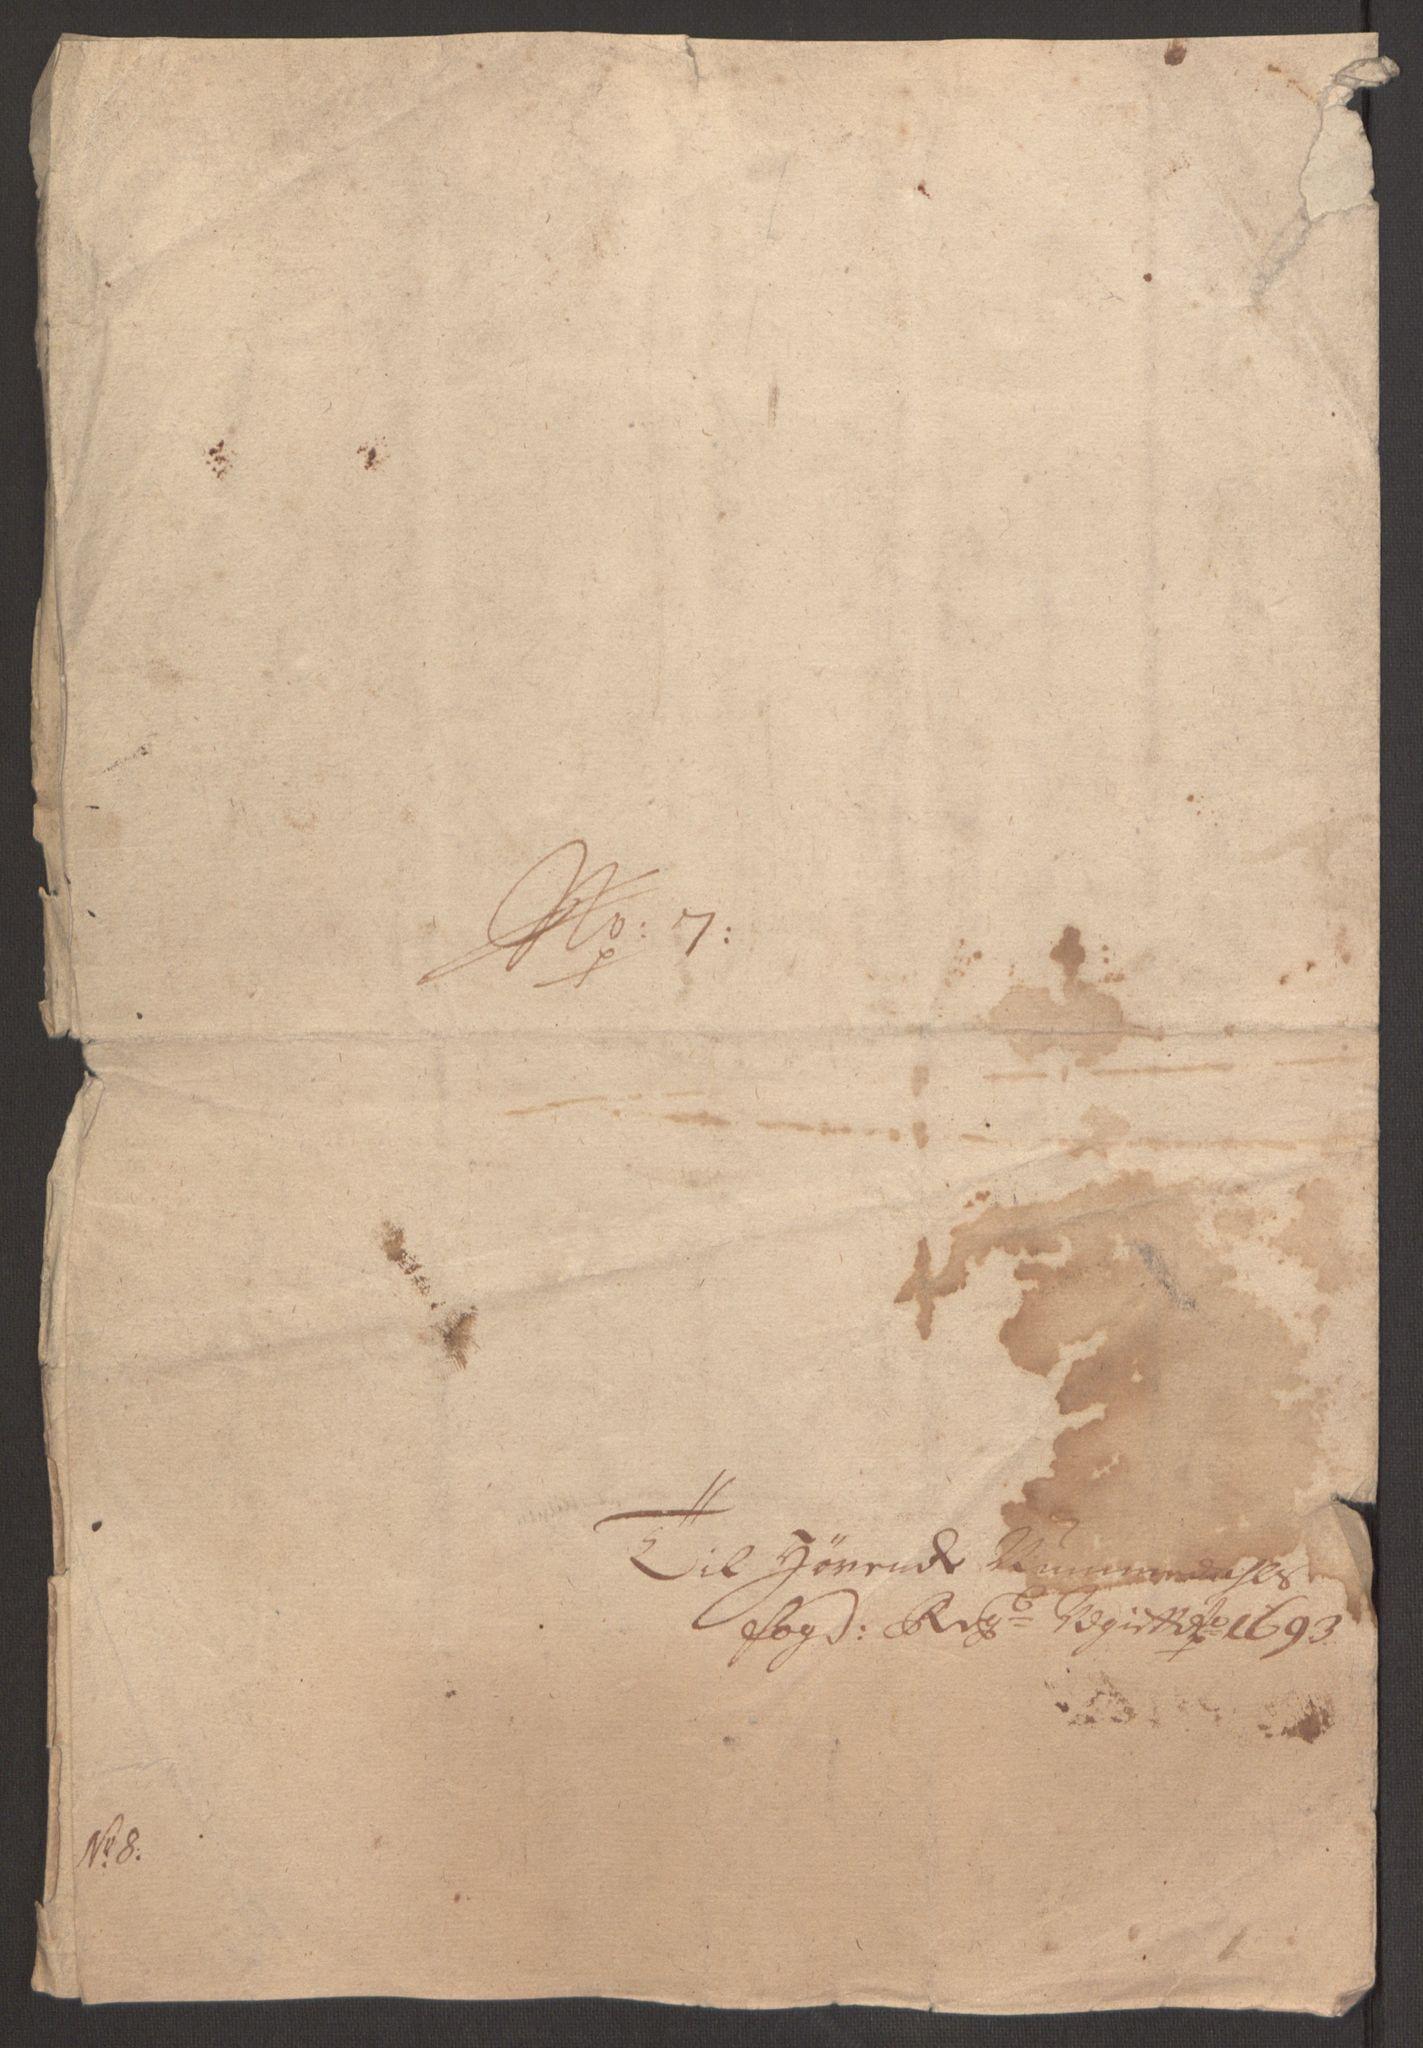 RA, Rentekammeret inntil 1814, Reviderte regnskaper, Fogderegnskap, R64/L4424: Fogderegnskap Namdal, 1692-1695, s. 330